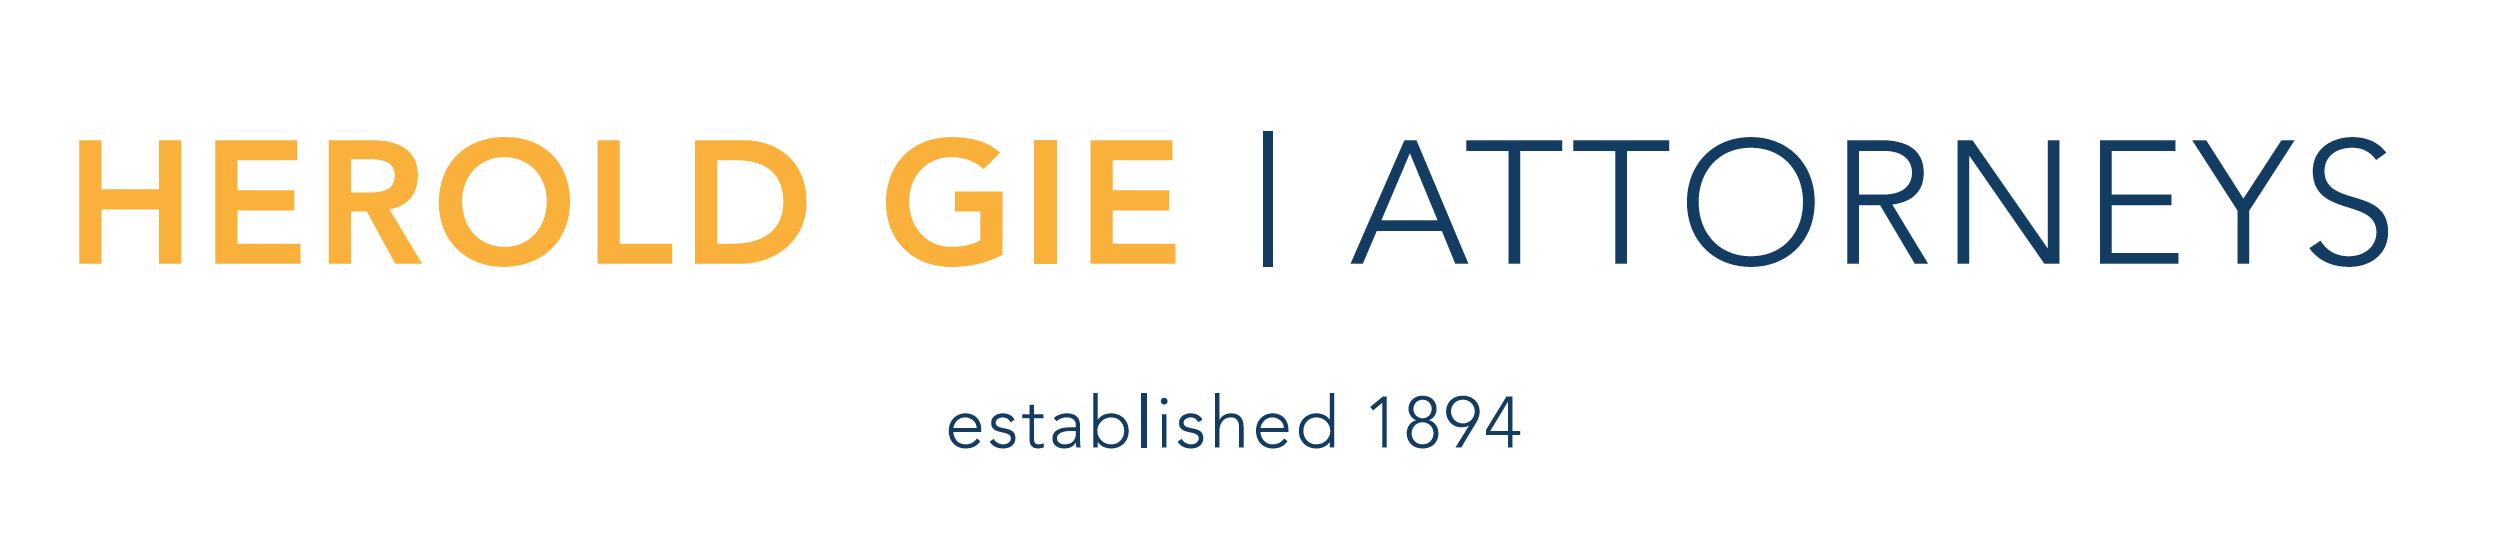 Herold Gie Logo